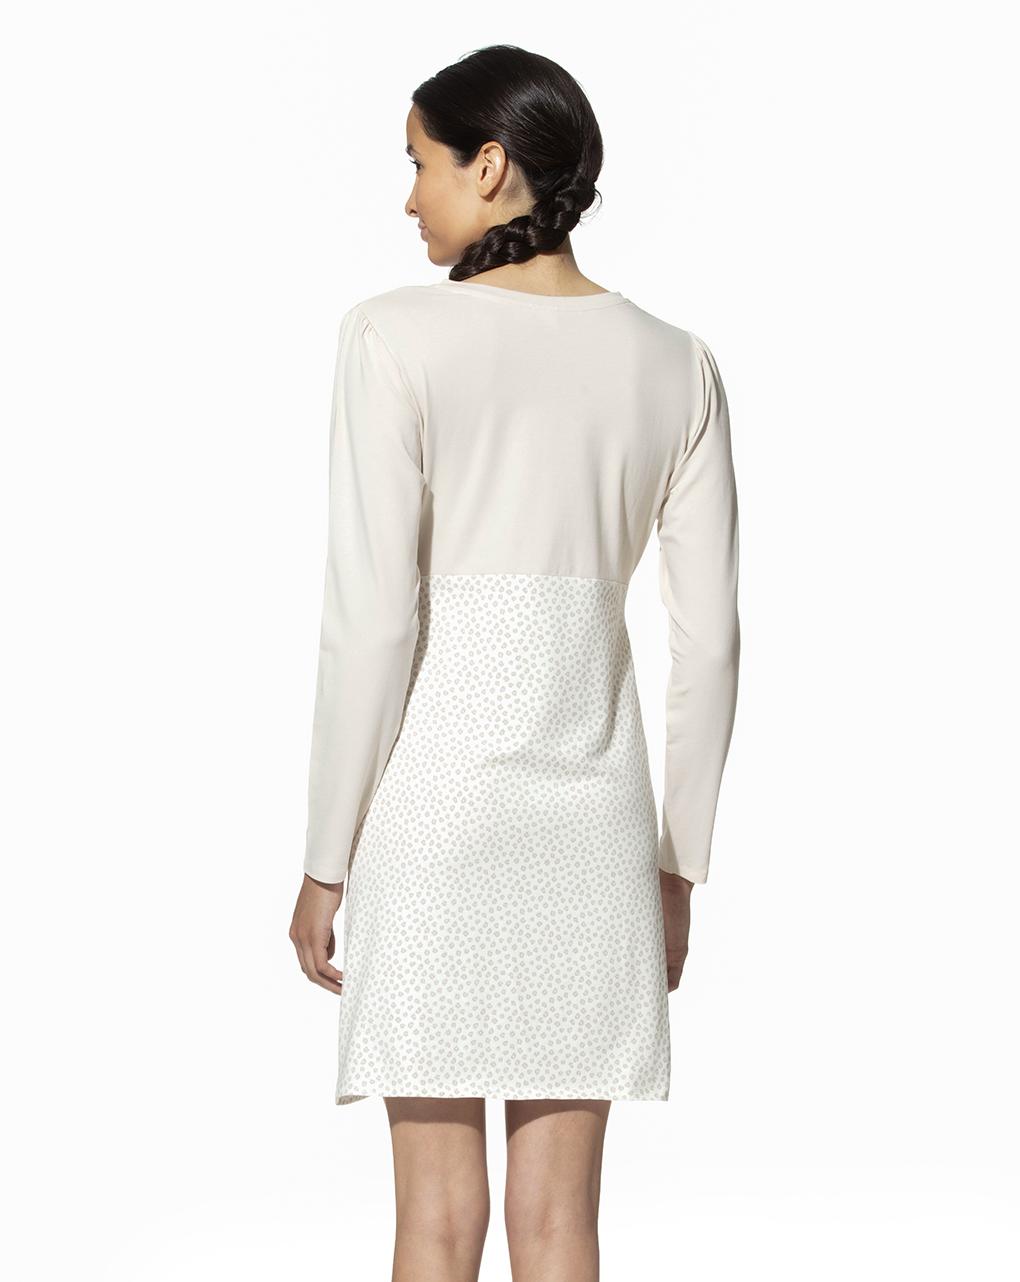 Camicia da notte allattamento in cotone organico - Prénatal